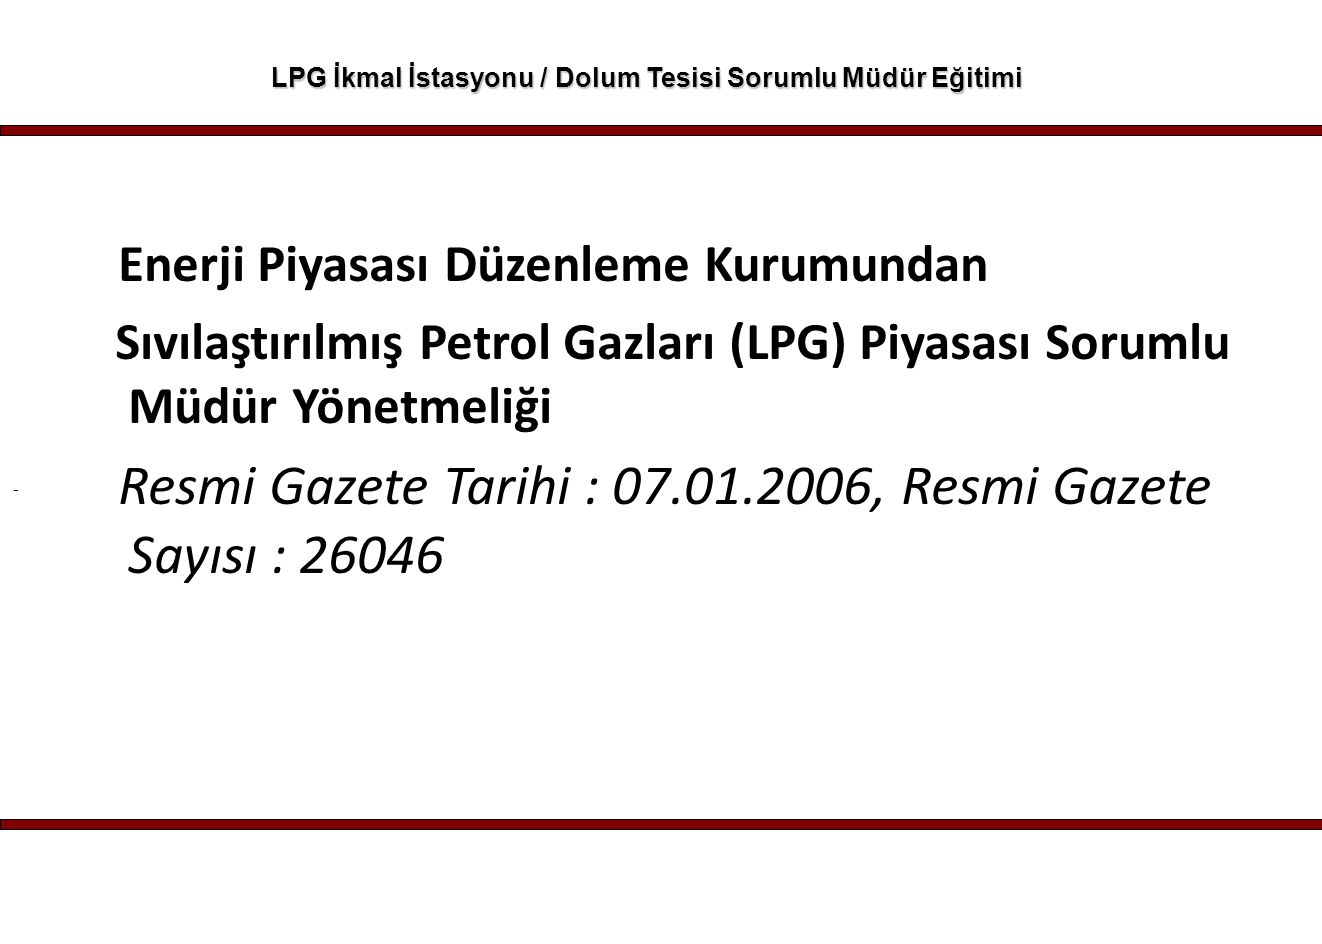 - LPG İkmal İstasyonu / Dolum Tesisi Sorumlu Müdür Eğitimi Enerji Piyasası Düzenleme Kurumundan Sıvılaştırılmış Petrol Gazları (LPG) Piyasası Eğitim Yönetmeliği Resmi Gazete Tarihi: 25/03/2006, Resmi Gazete Sayısı : 26119